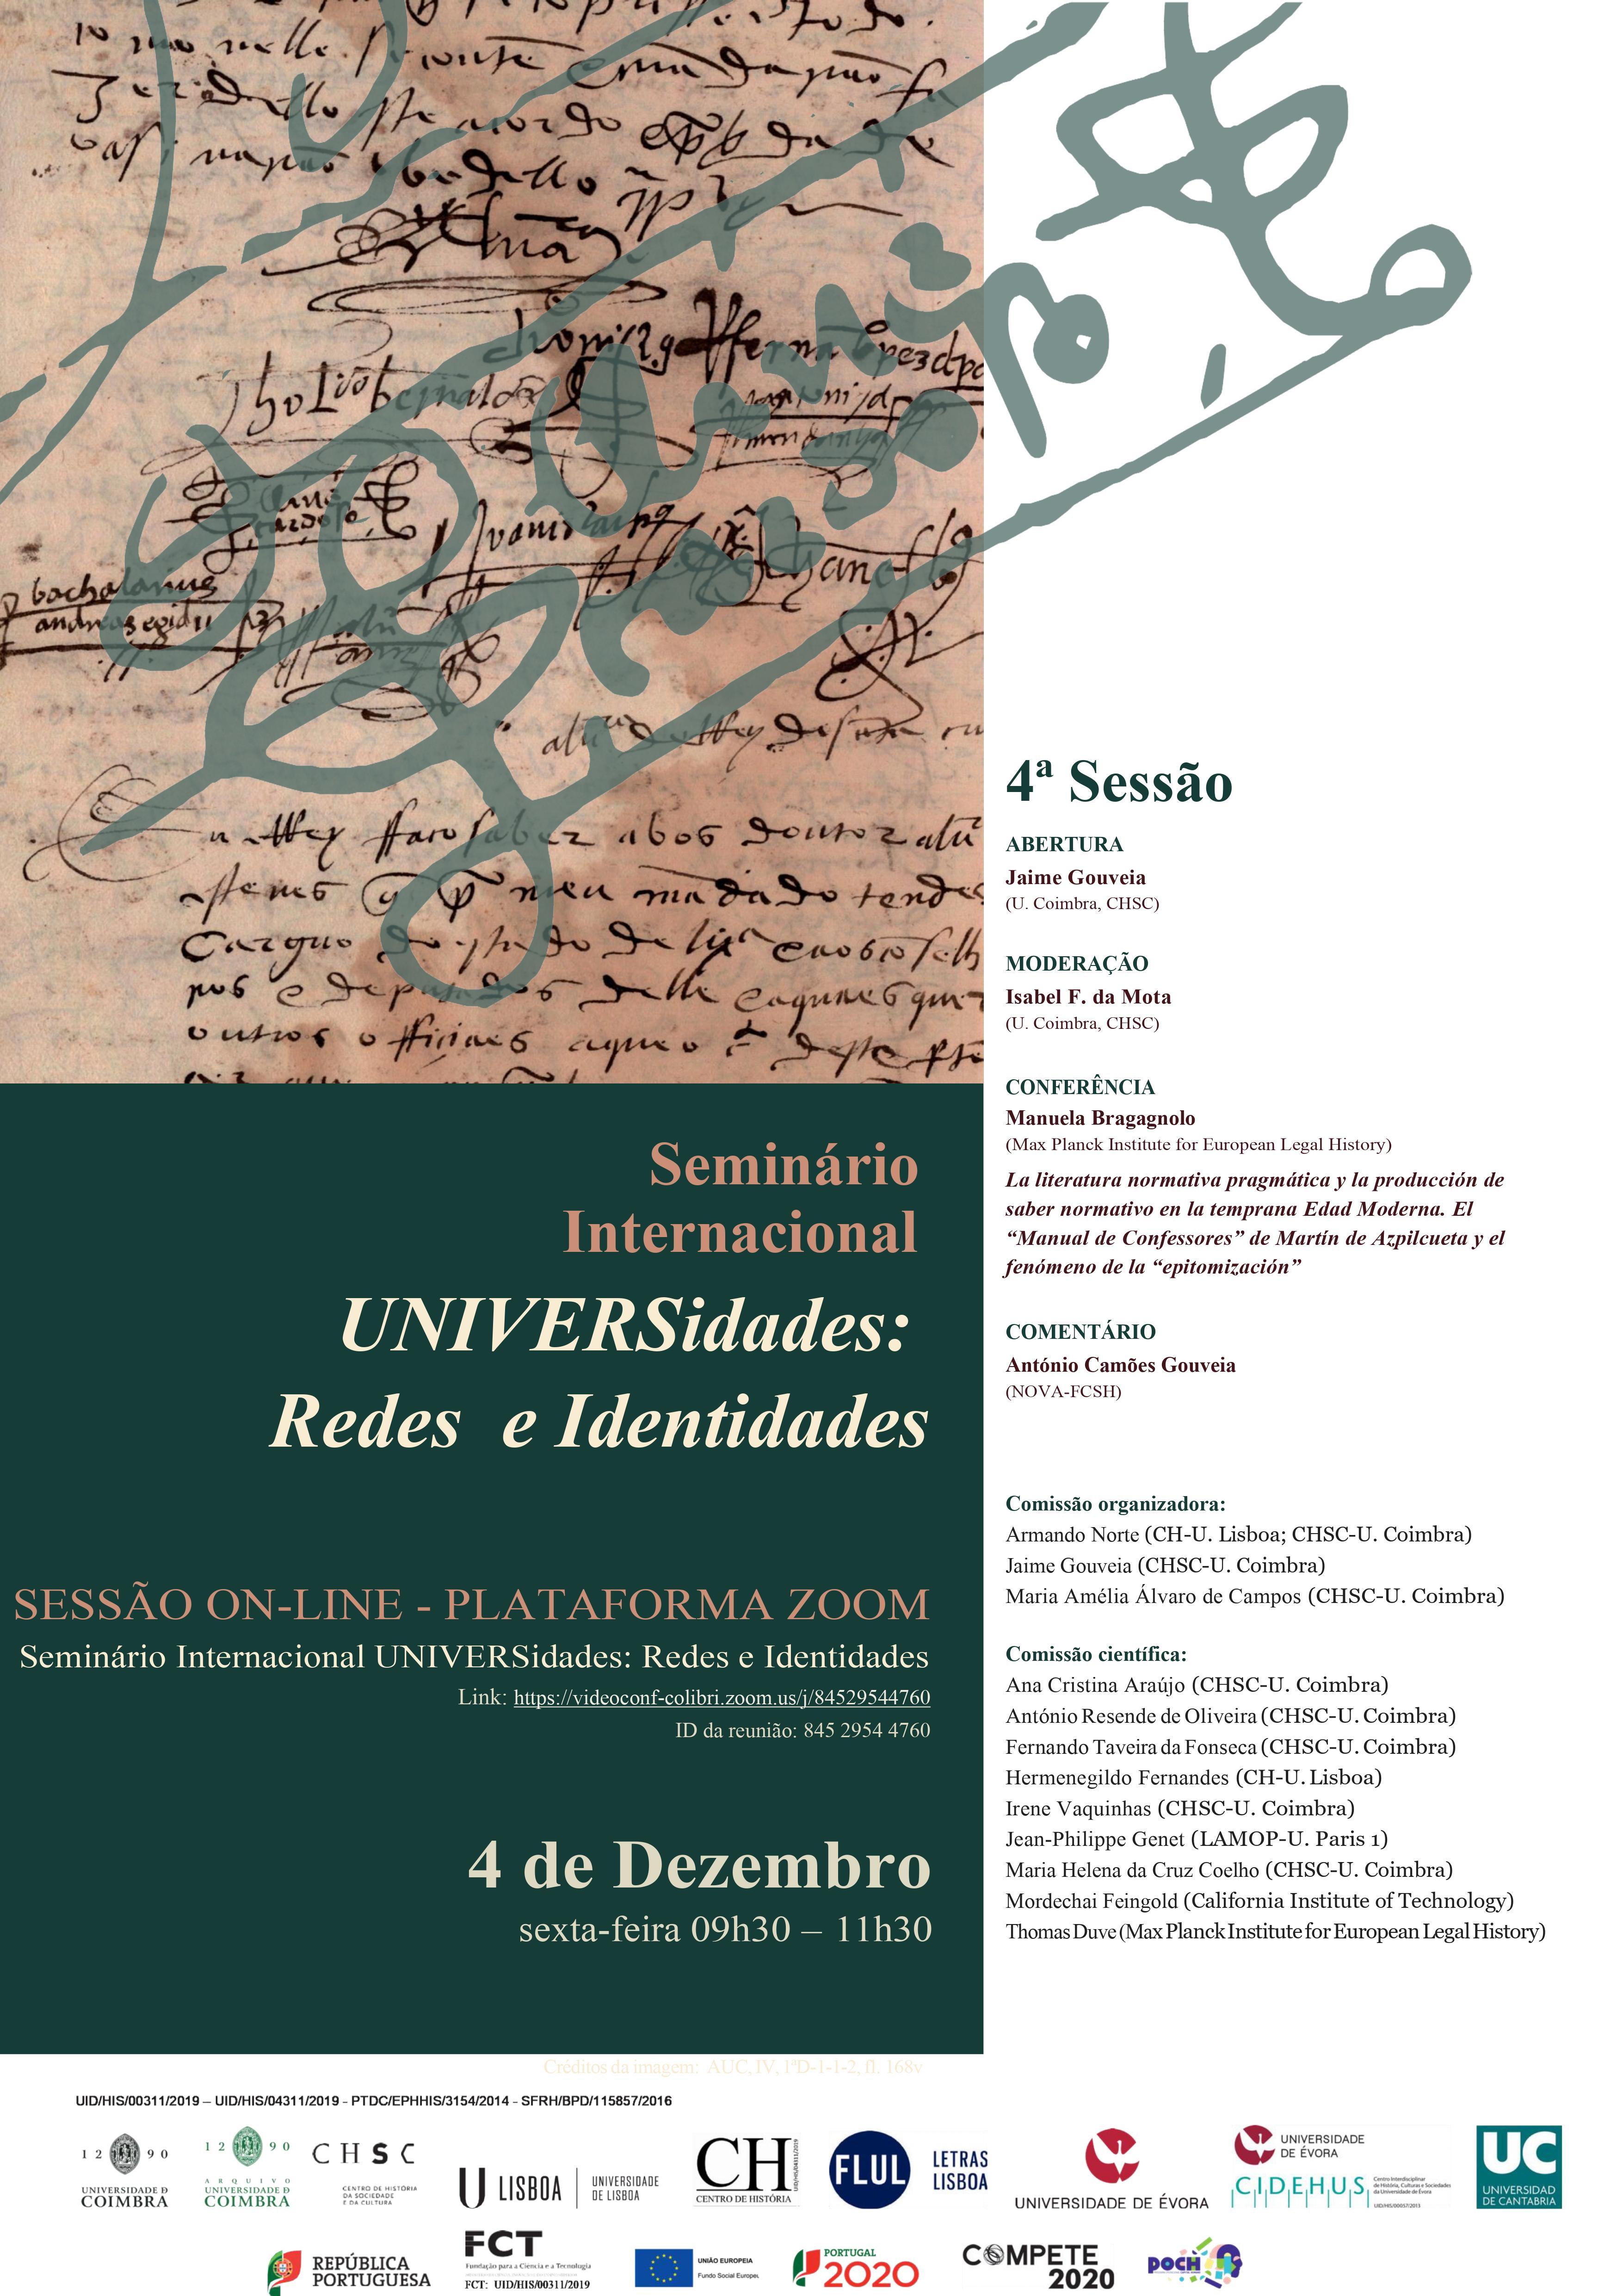 SEMINÁRIO INTERNACIONAL UNIVERSIDADES: REDES E IDENTIDADES – 4.ª SESSÃO